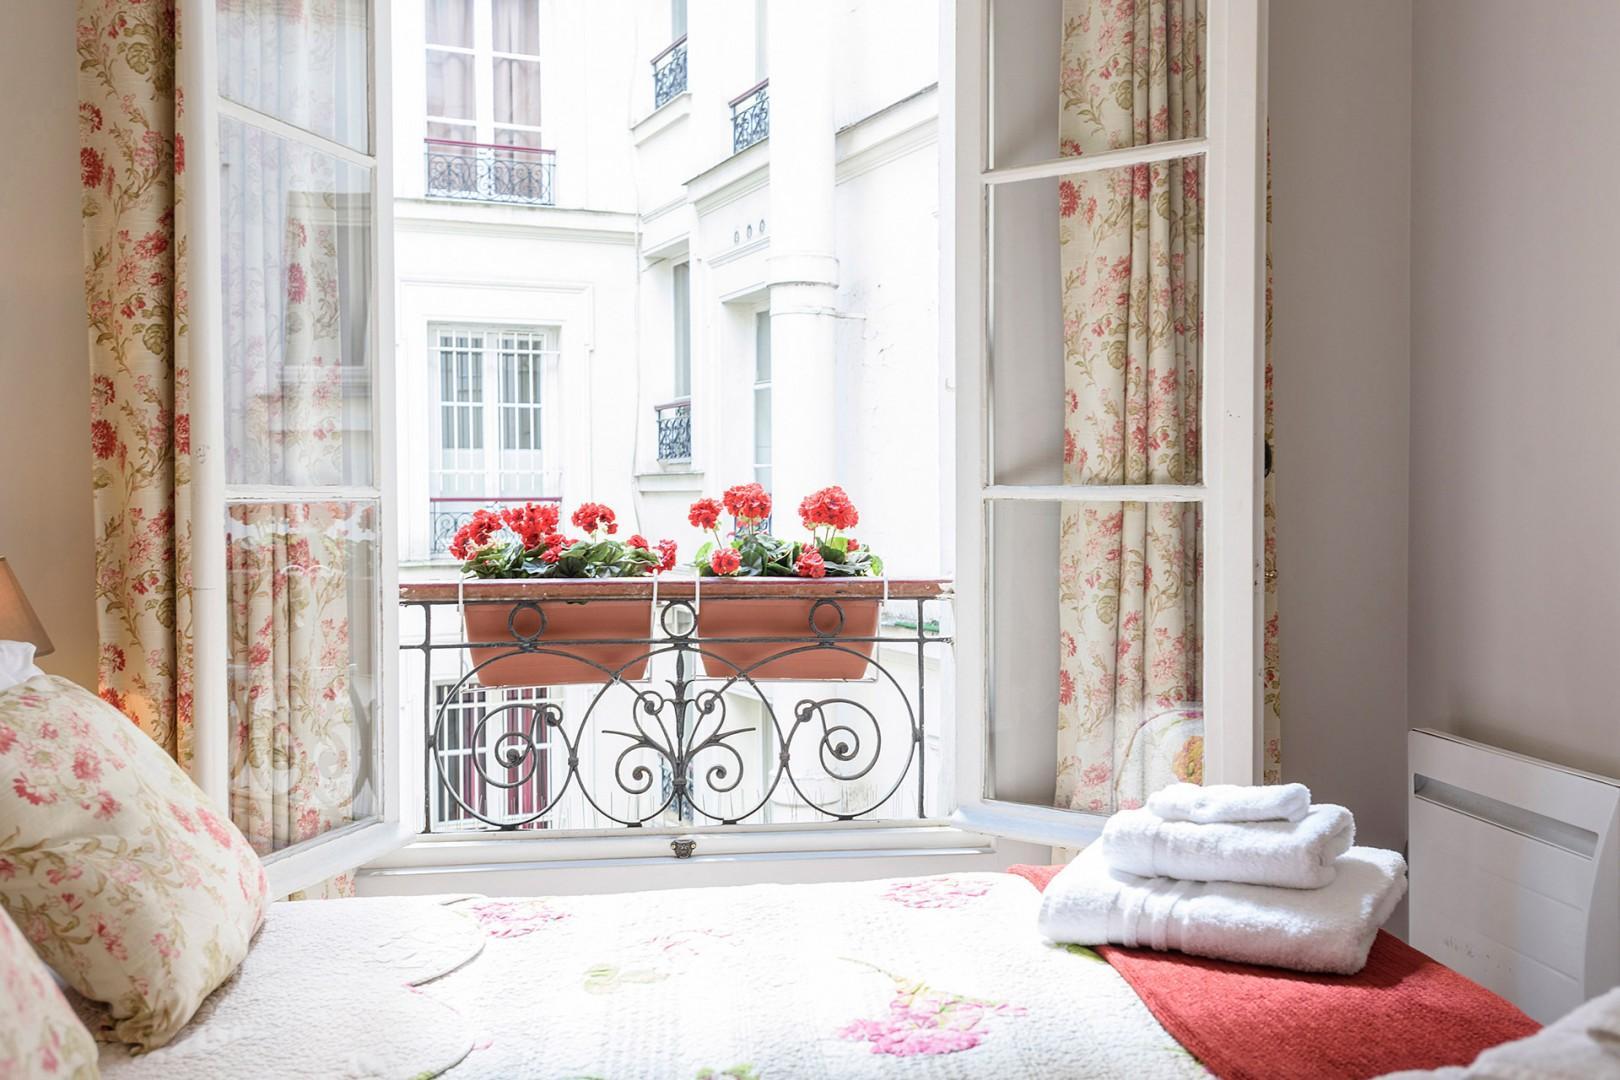 This quiet bedroom overlooks a courtyard.